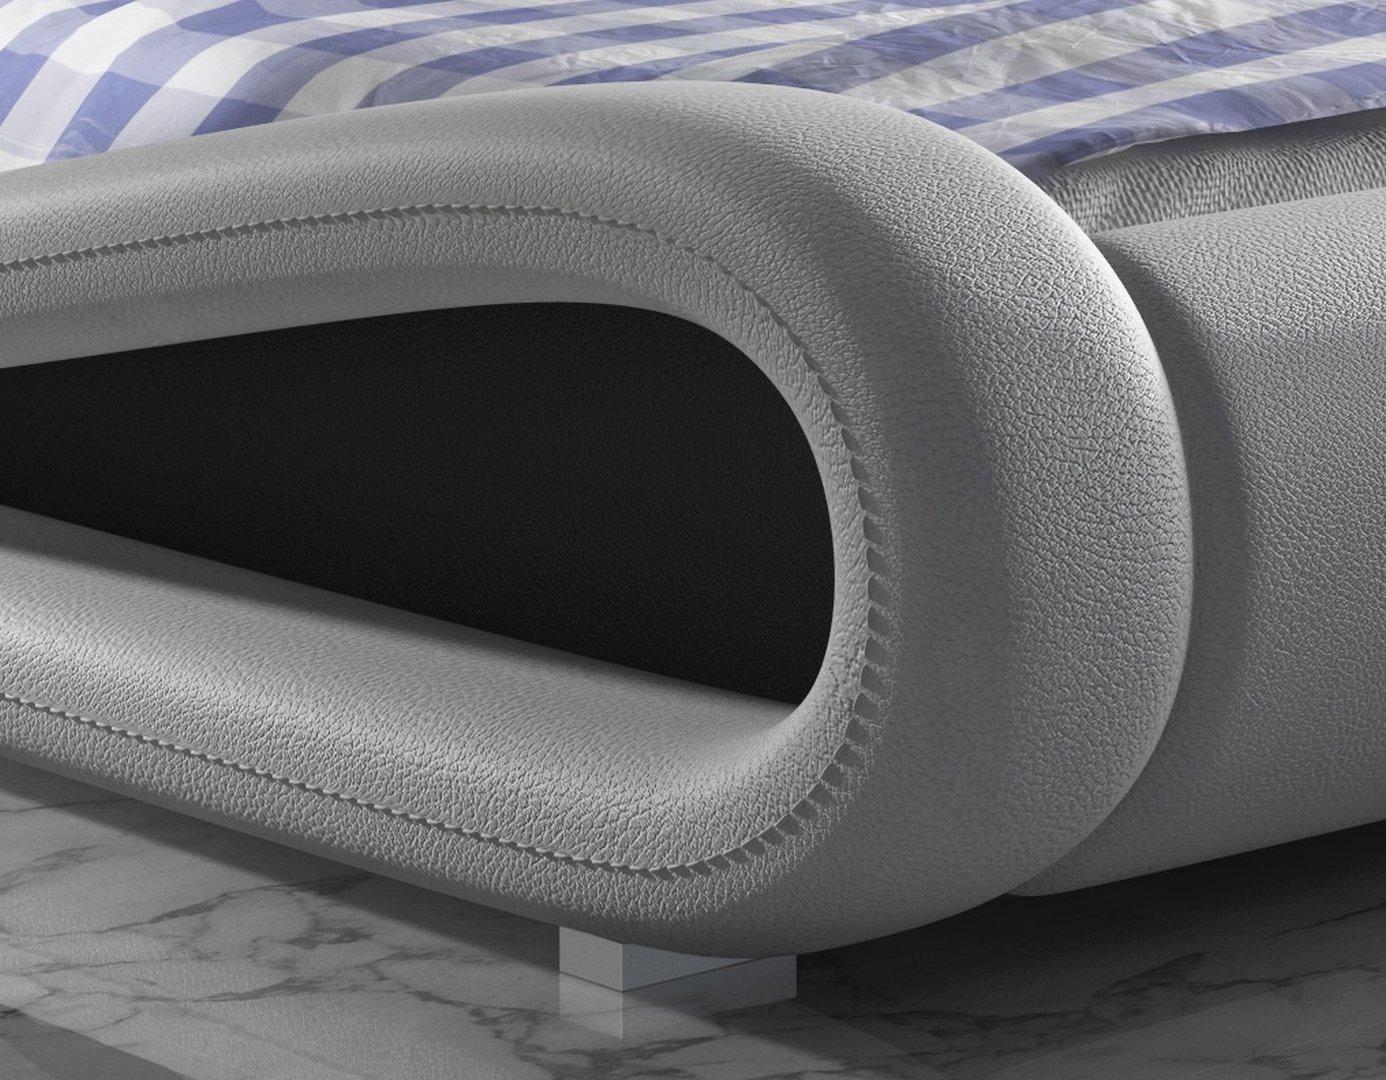 kunstleder bett designer bett ottawa. Black Bedroom Furniture Sets. Home Design Ideas